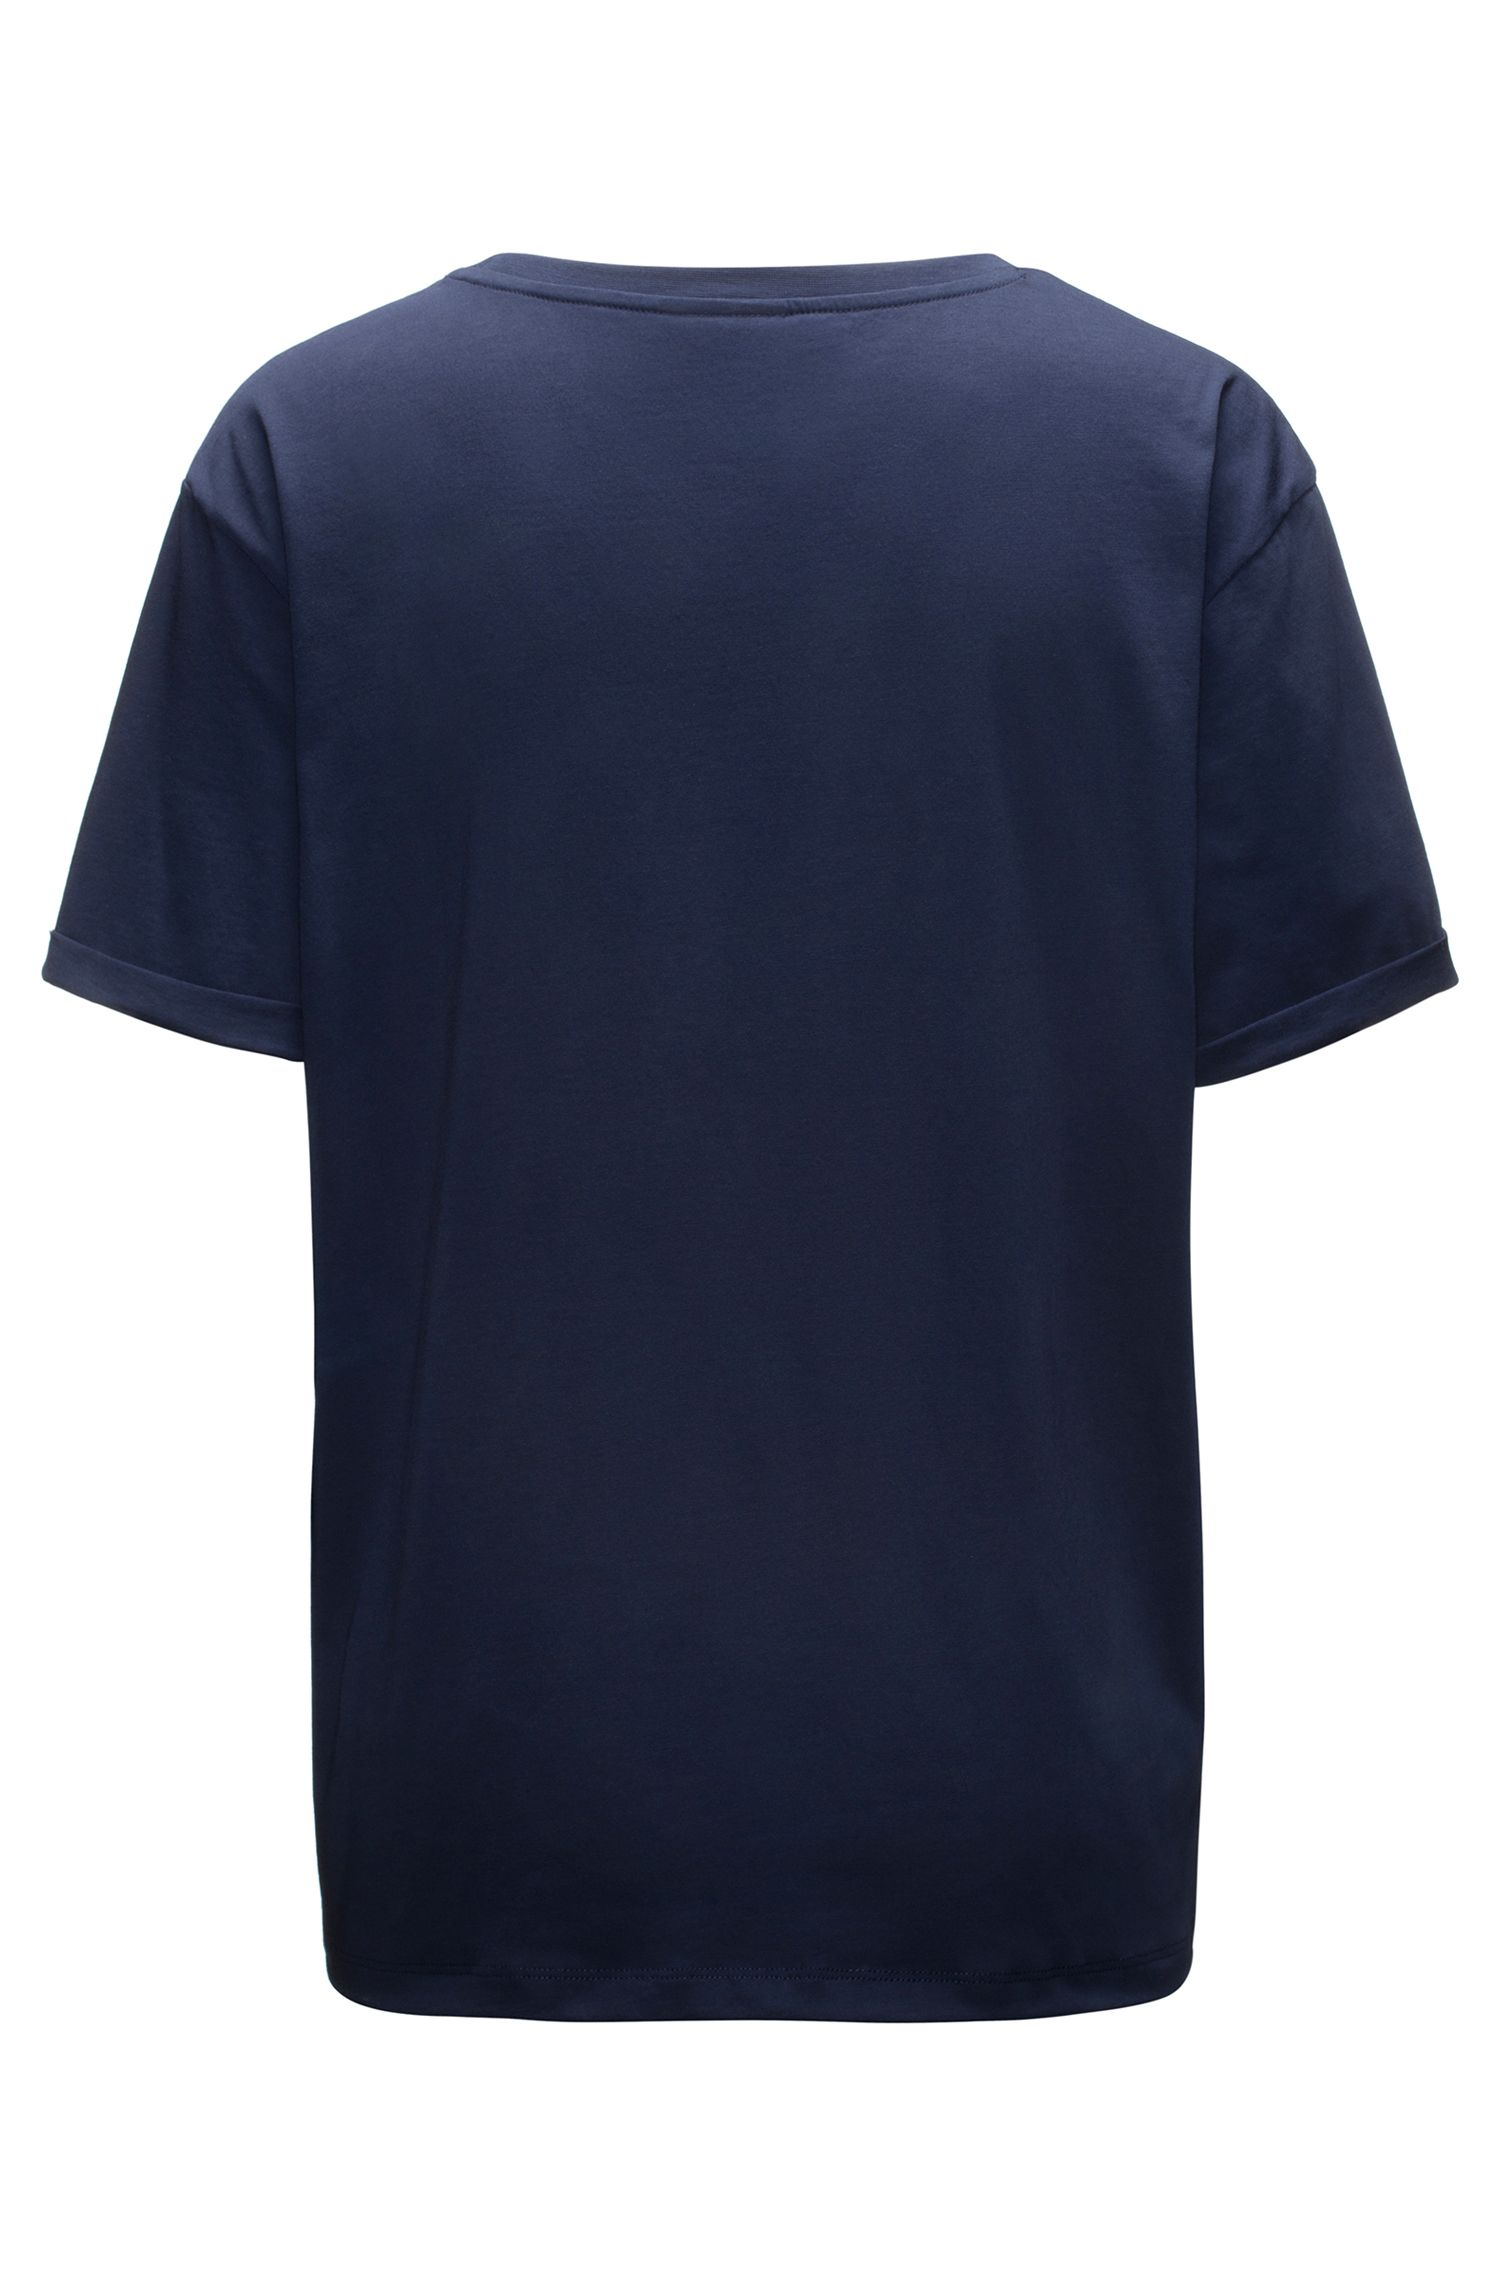 T-shirt van katoen met korte mouwen en gespiegeld metallic logo